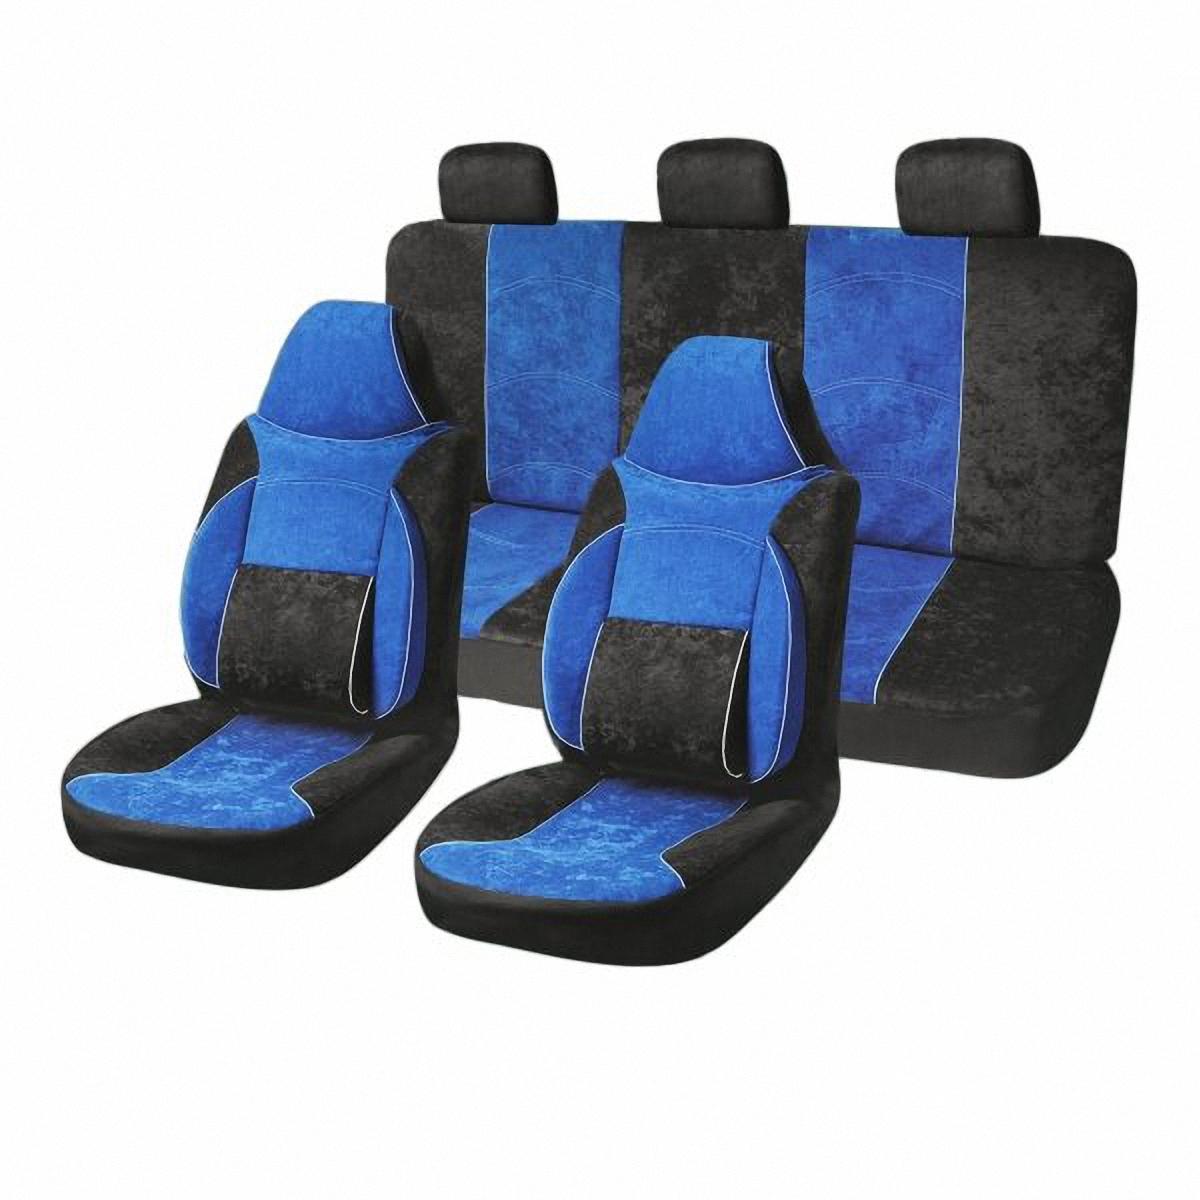 Чехлы автомобильные Skyway. S01301034V005-D1Комплект классических универсальных автомобильных чехлов Skyway S01301034 изготовлен из велюра. Чехлы защитят обивку сидений от вытирания и выцветания. Благодаря структуре ткани, обеспечивается улучшенная вентиляция кресел, что позволяет сделать более комфортными долгое пребывание за рулем во время дальней поездки.